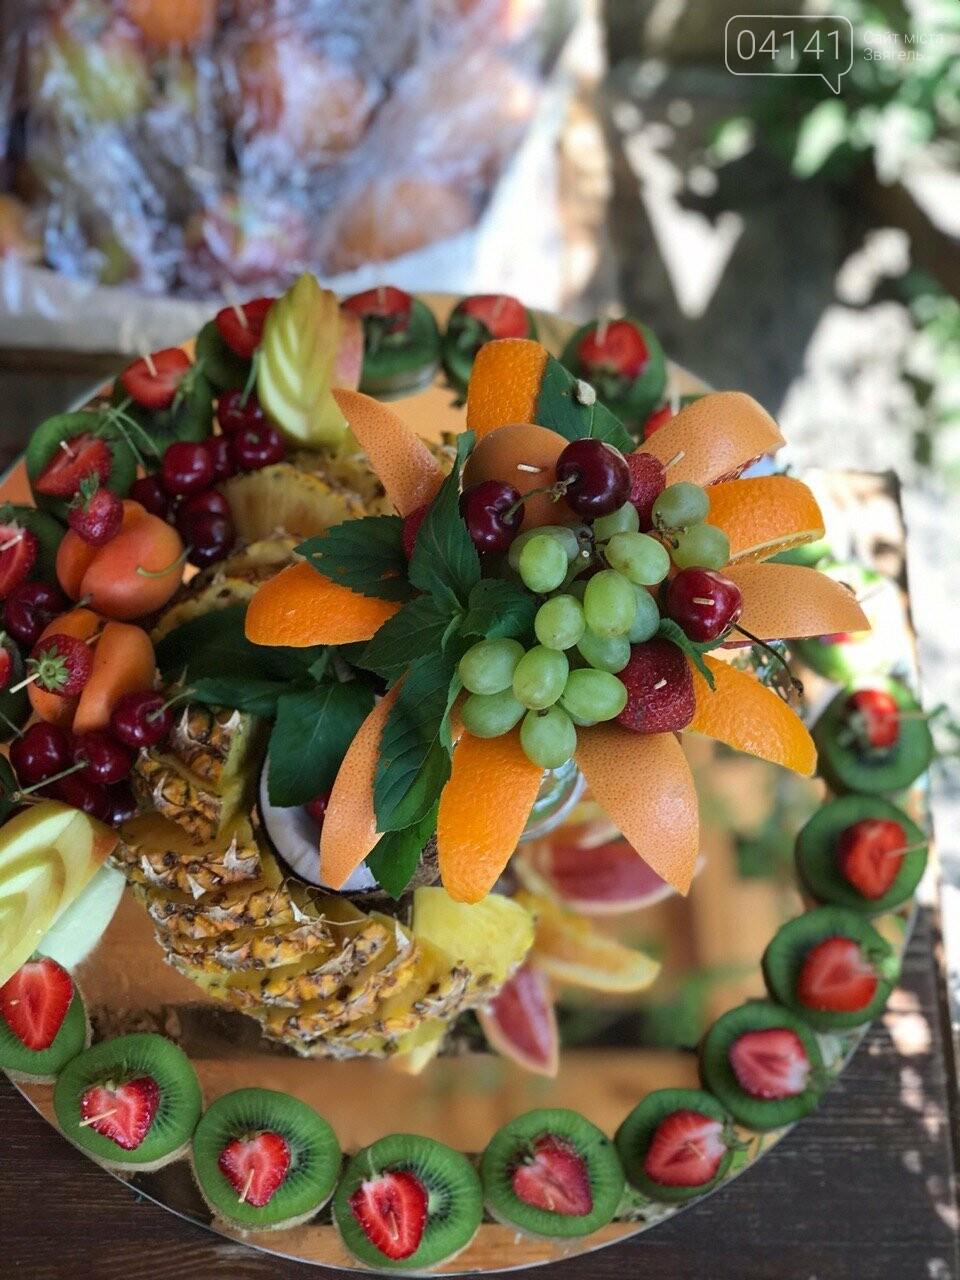 Знайомтеся, це Анна з Новограду - майстриня, яка створює неймовірні фруктові букети, фото-4